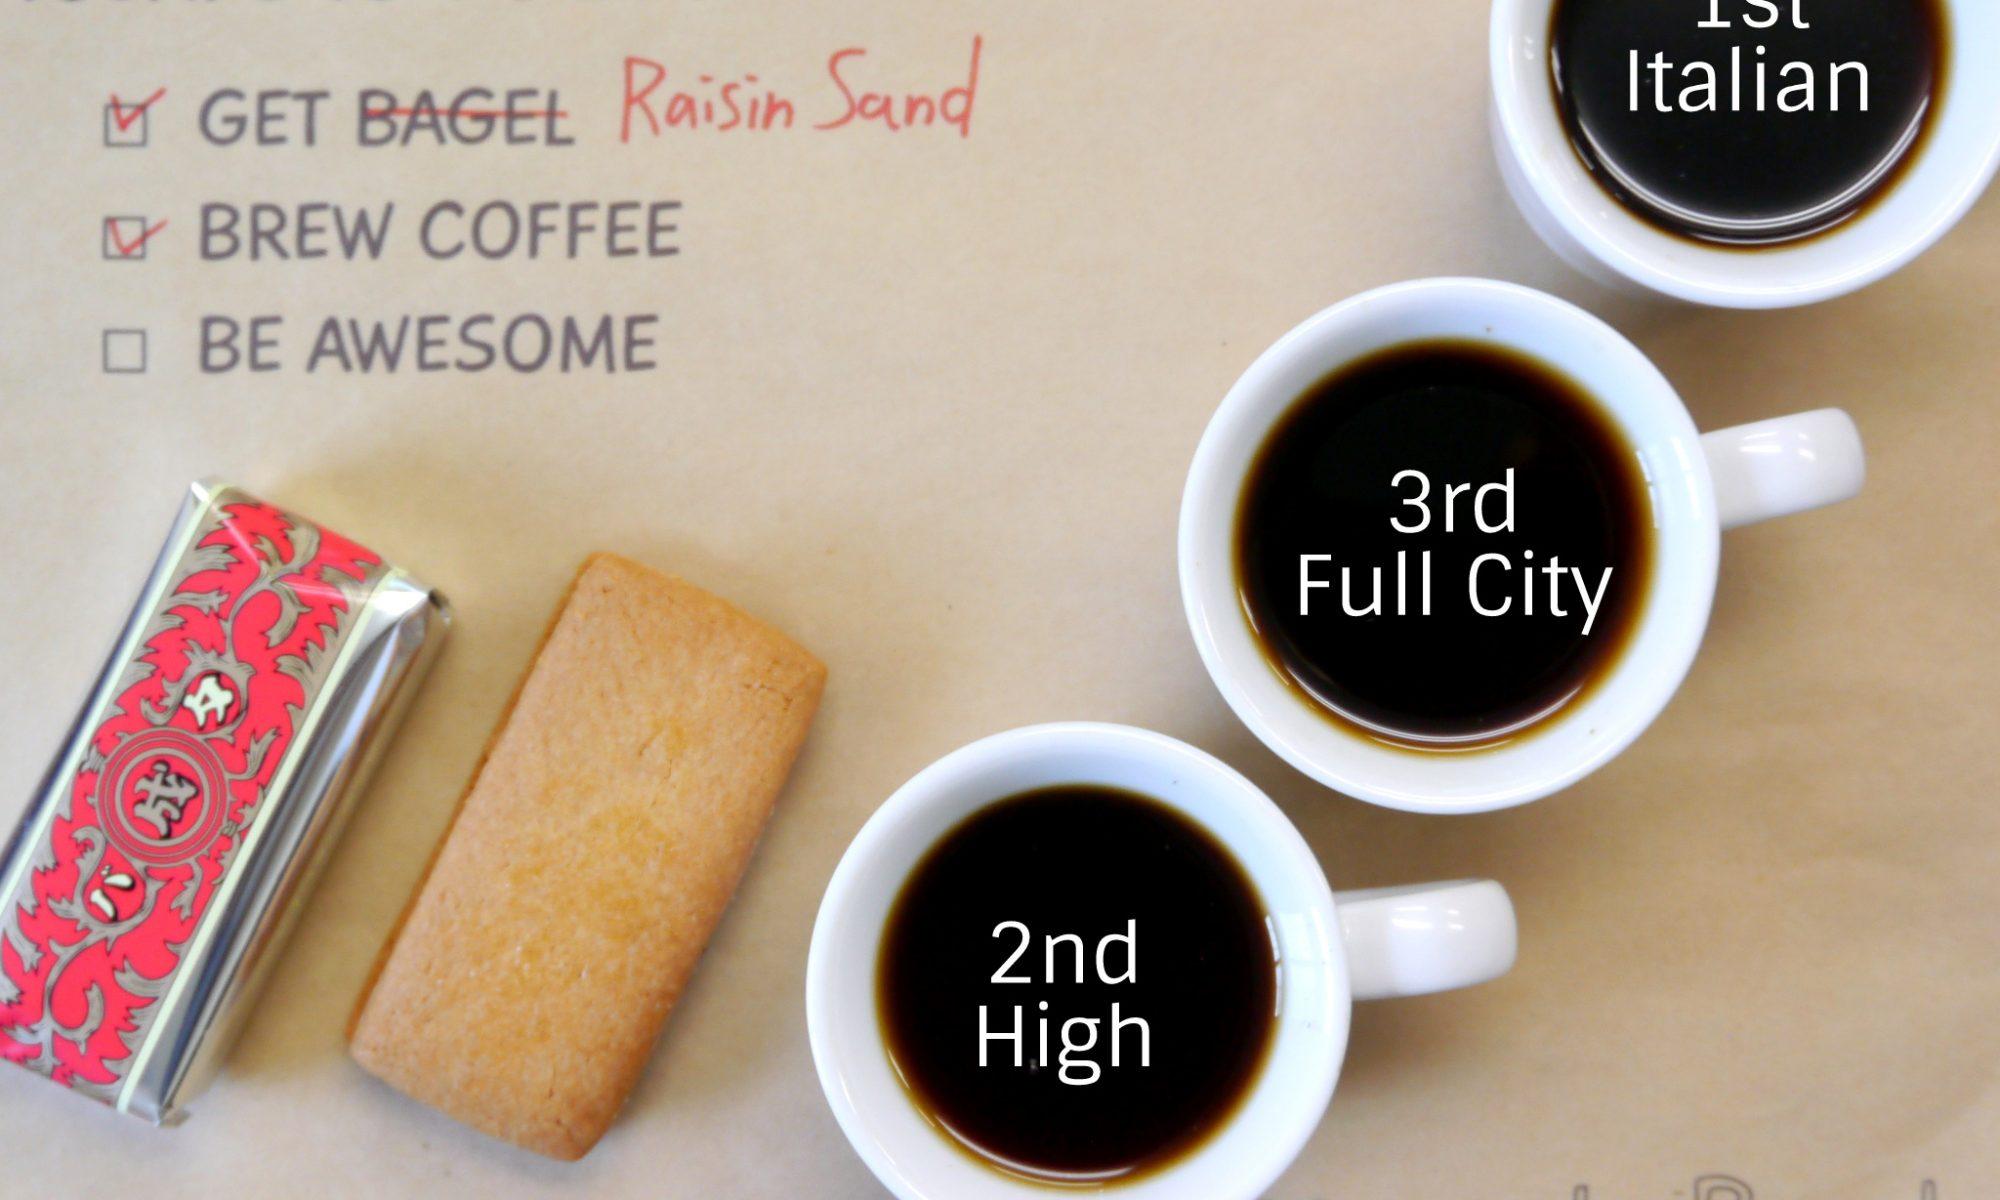 レーズンサンドとコーヒー